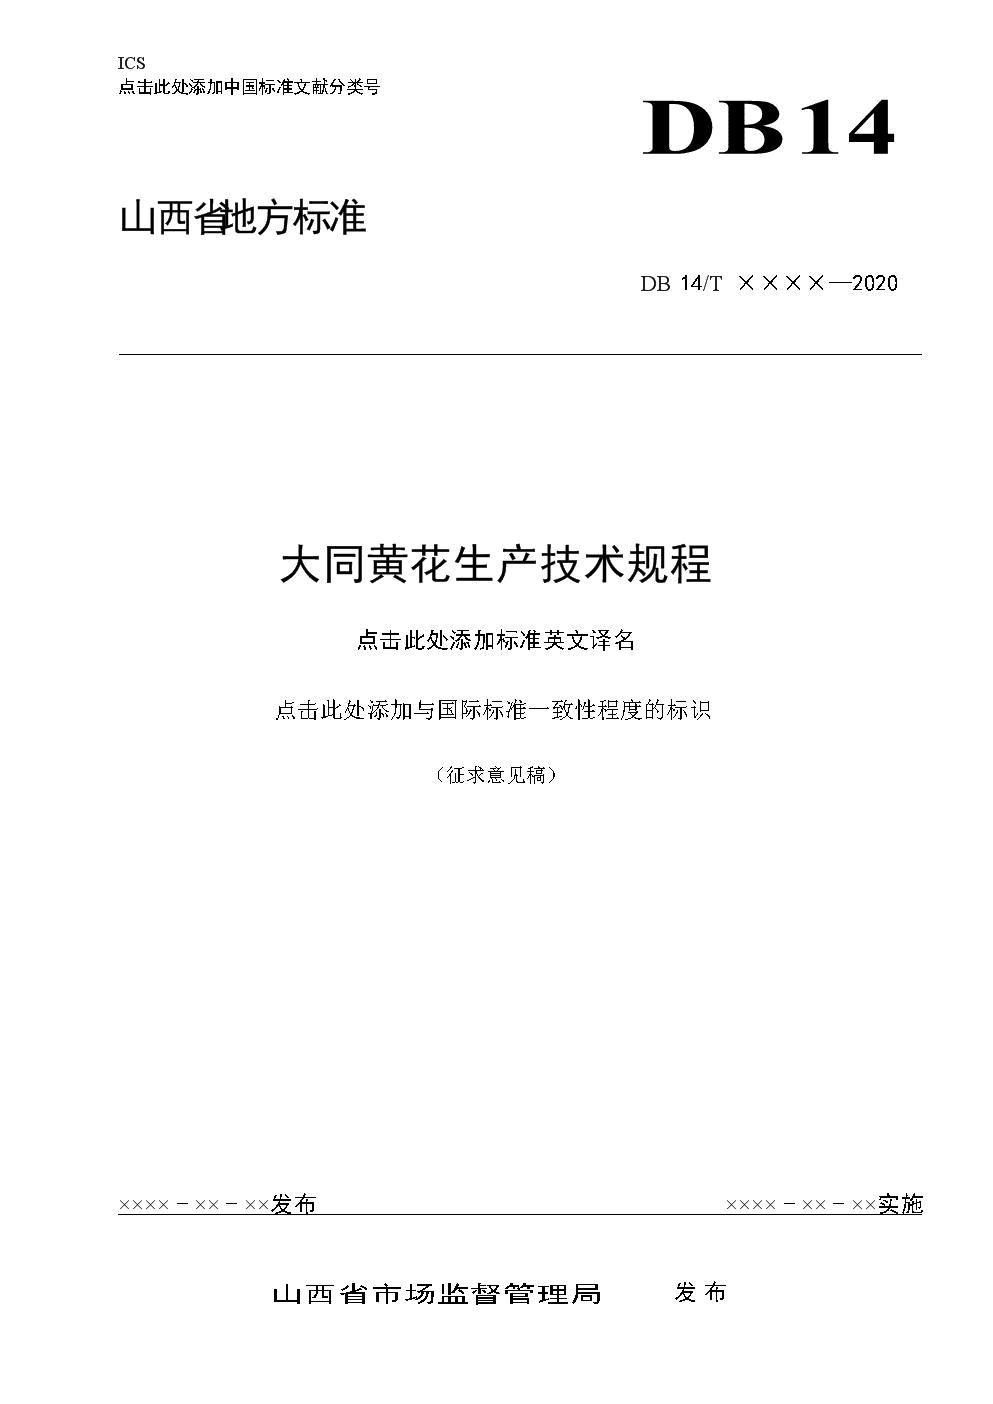 《大同黄花生产技术规程》.docx